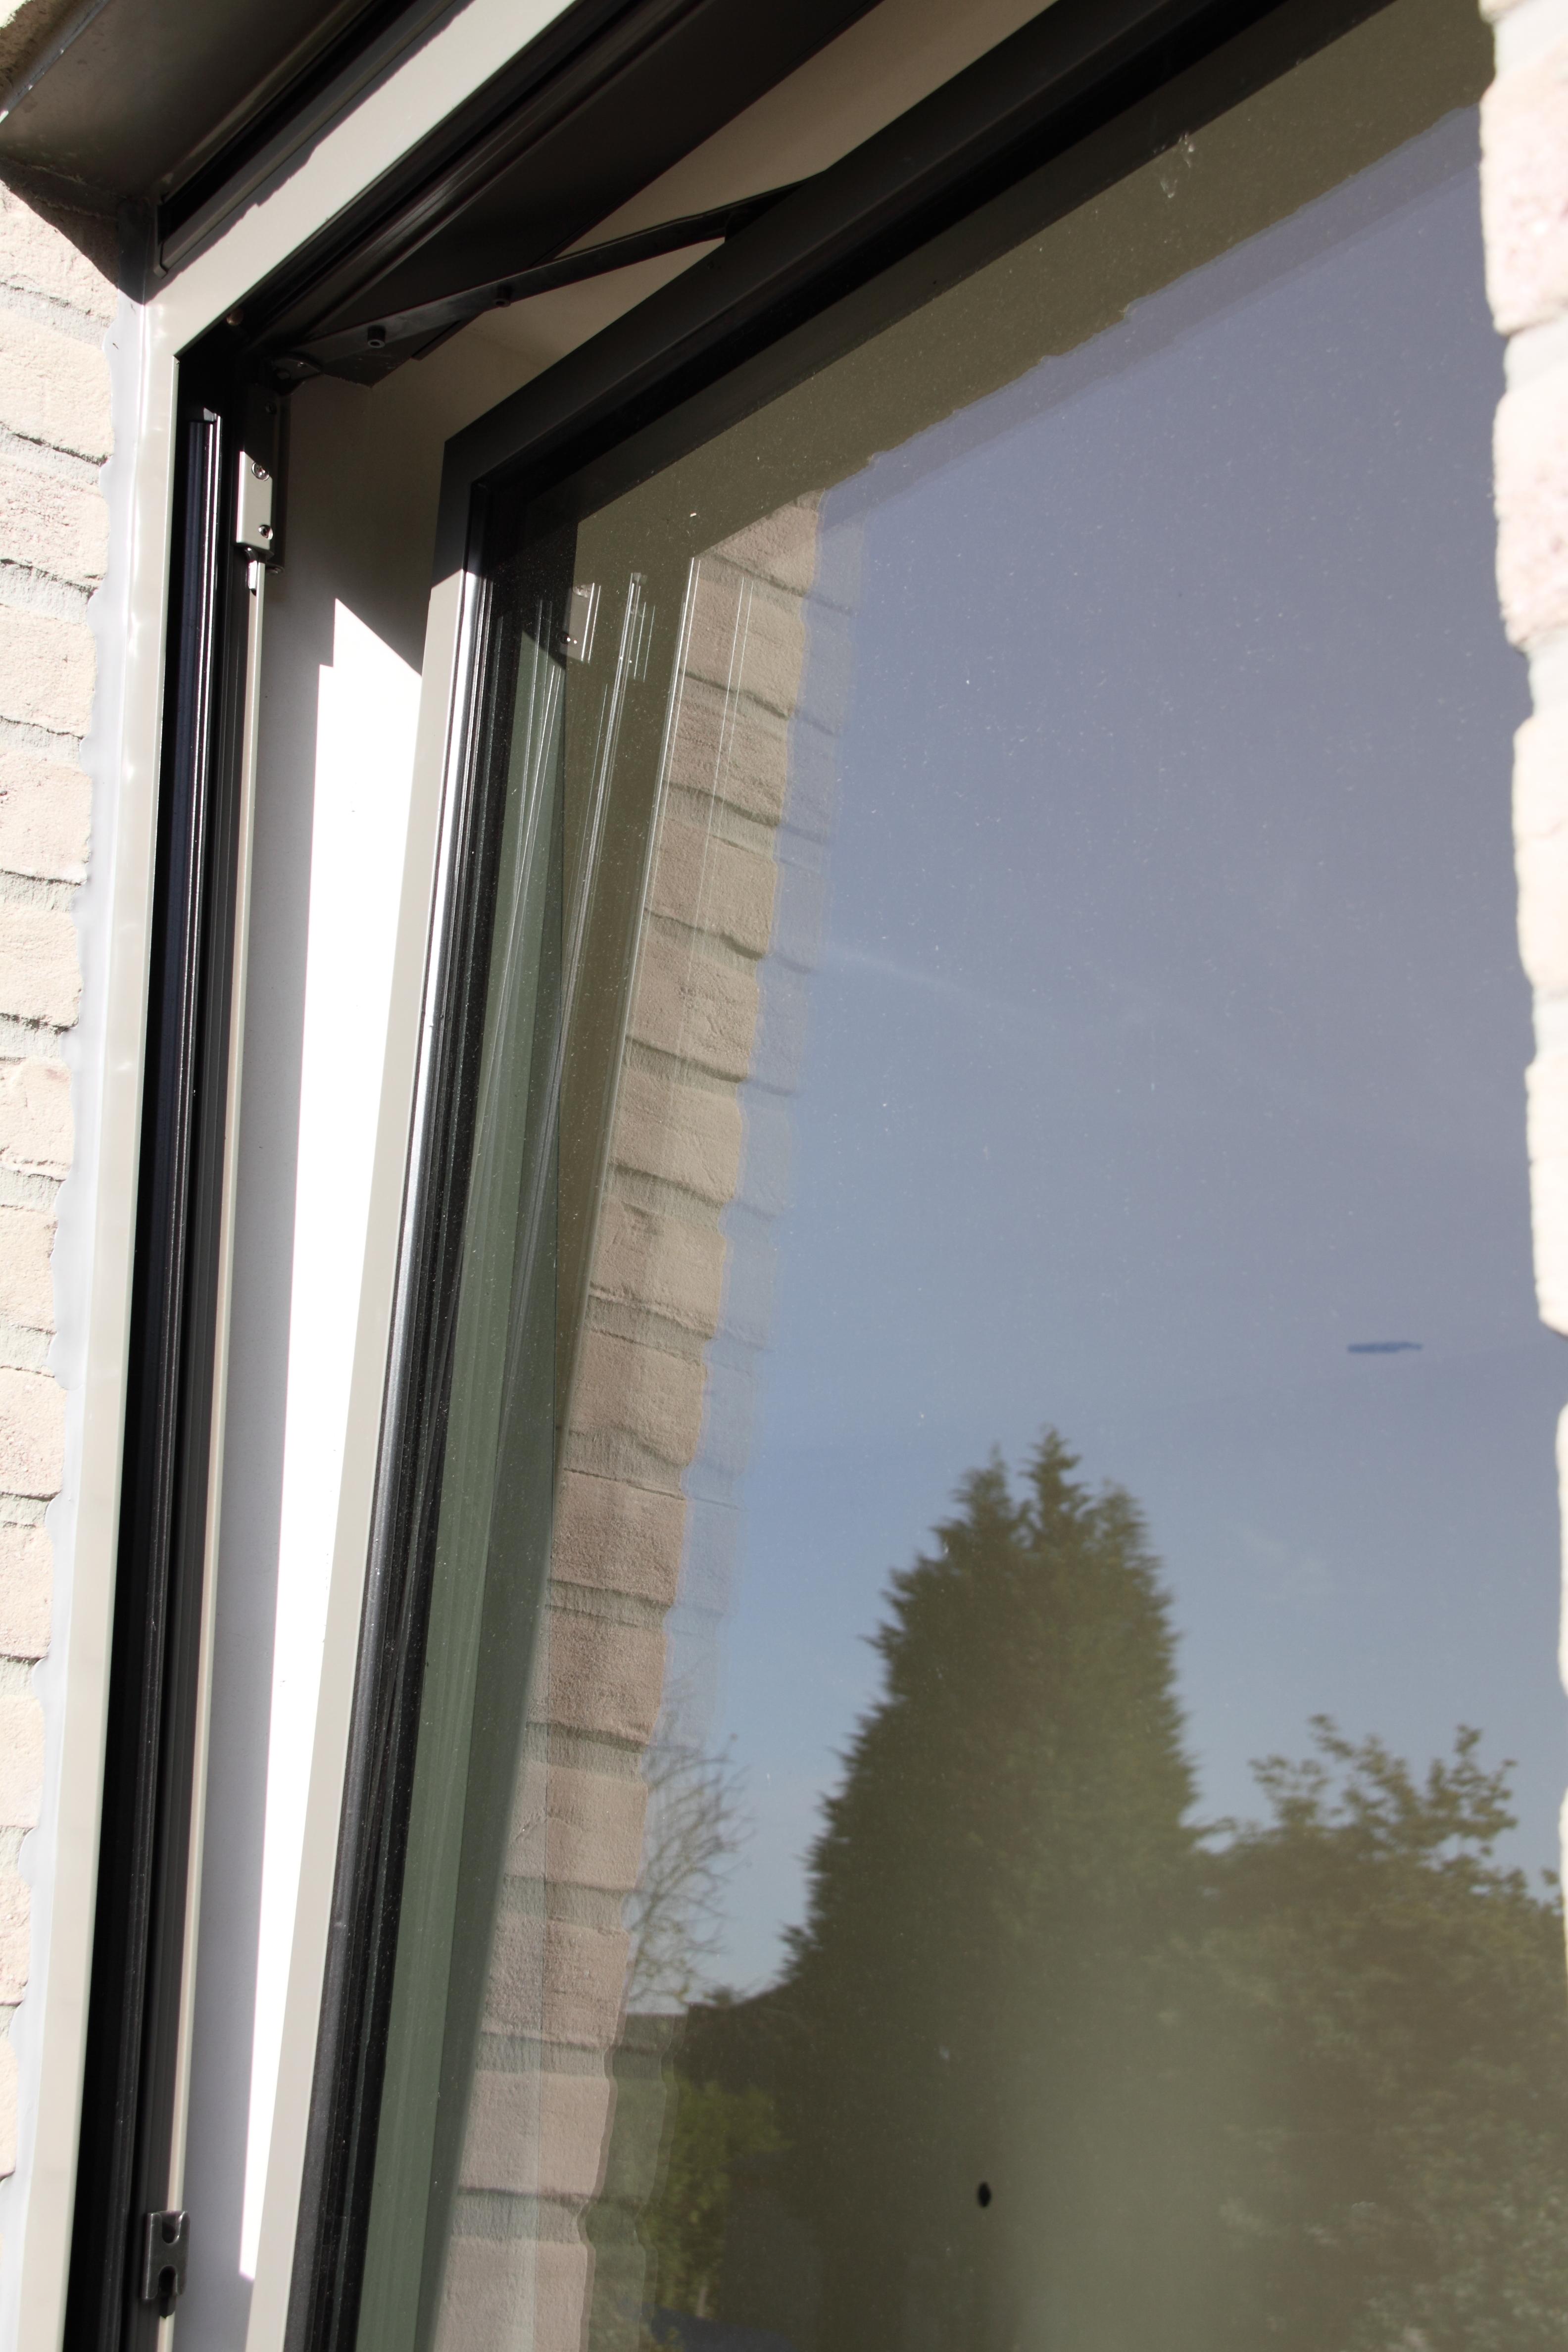 ral kleur 7039 mat Boortmeerbeek